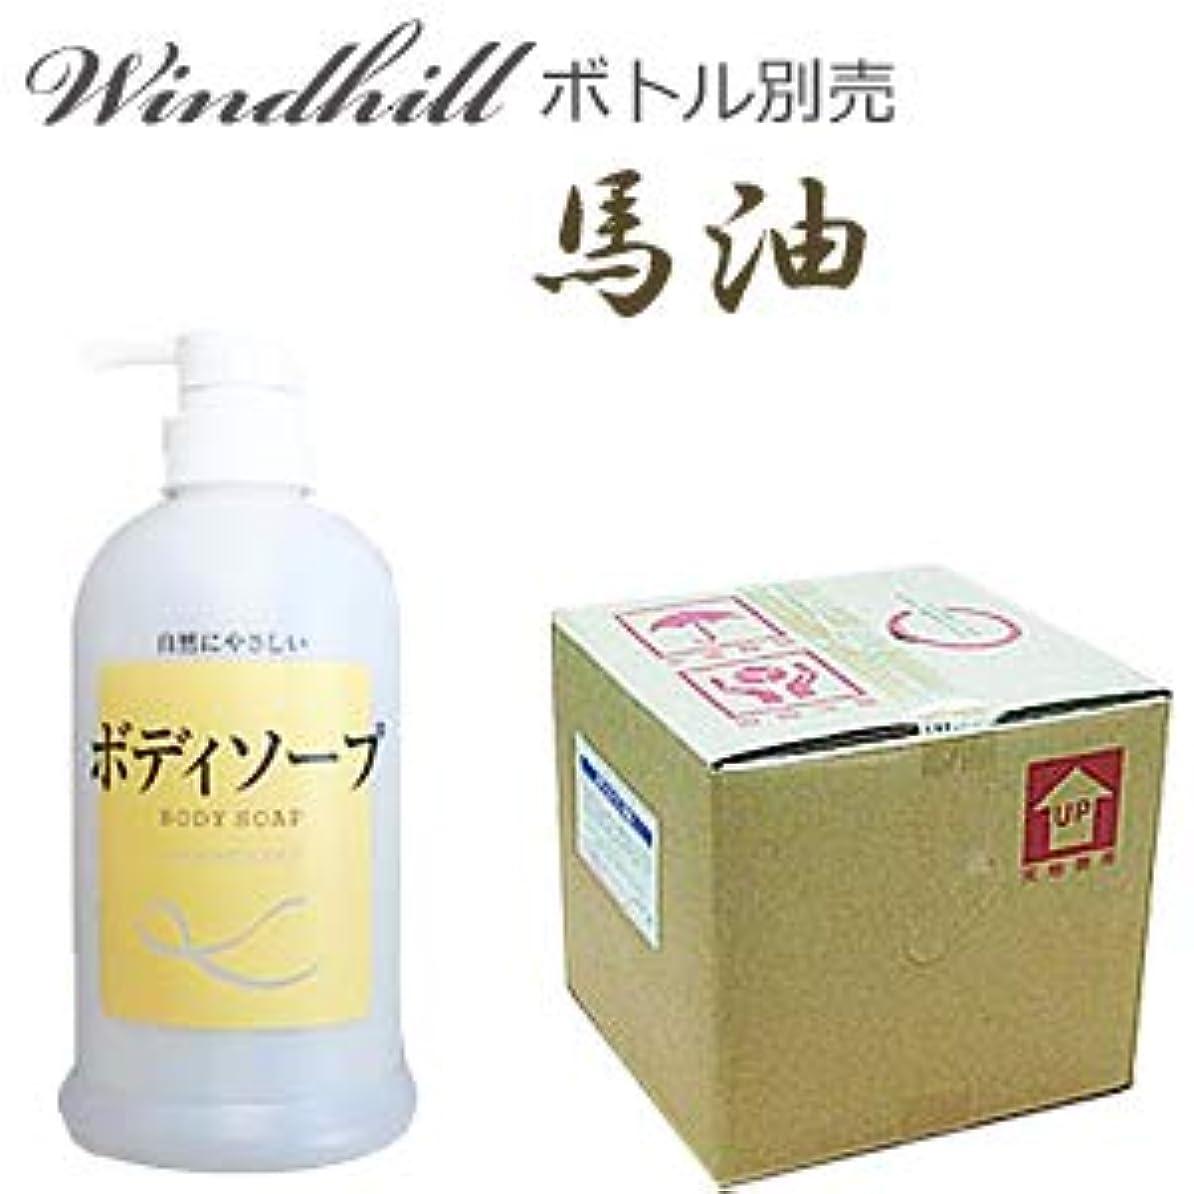 尋ねる払い戻しについてなんと! 500ml当り190円 Windhill 馬油 業務用 ボディソープ   フローラルの香り 20L